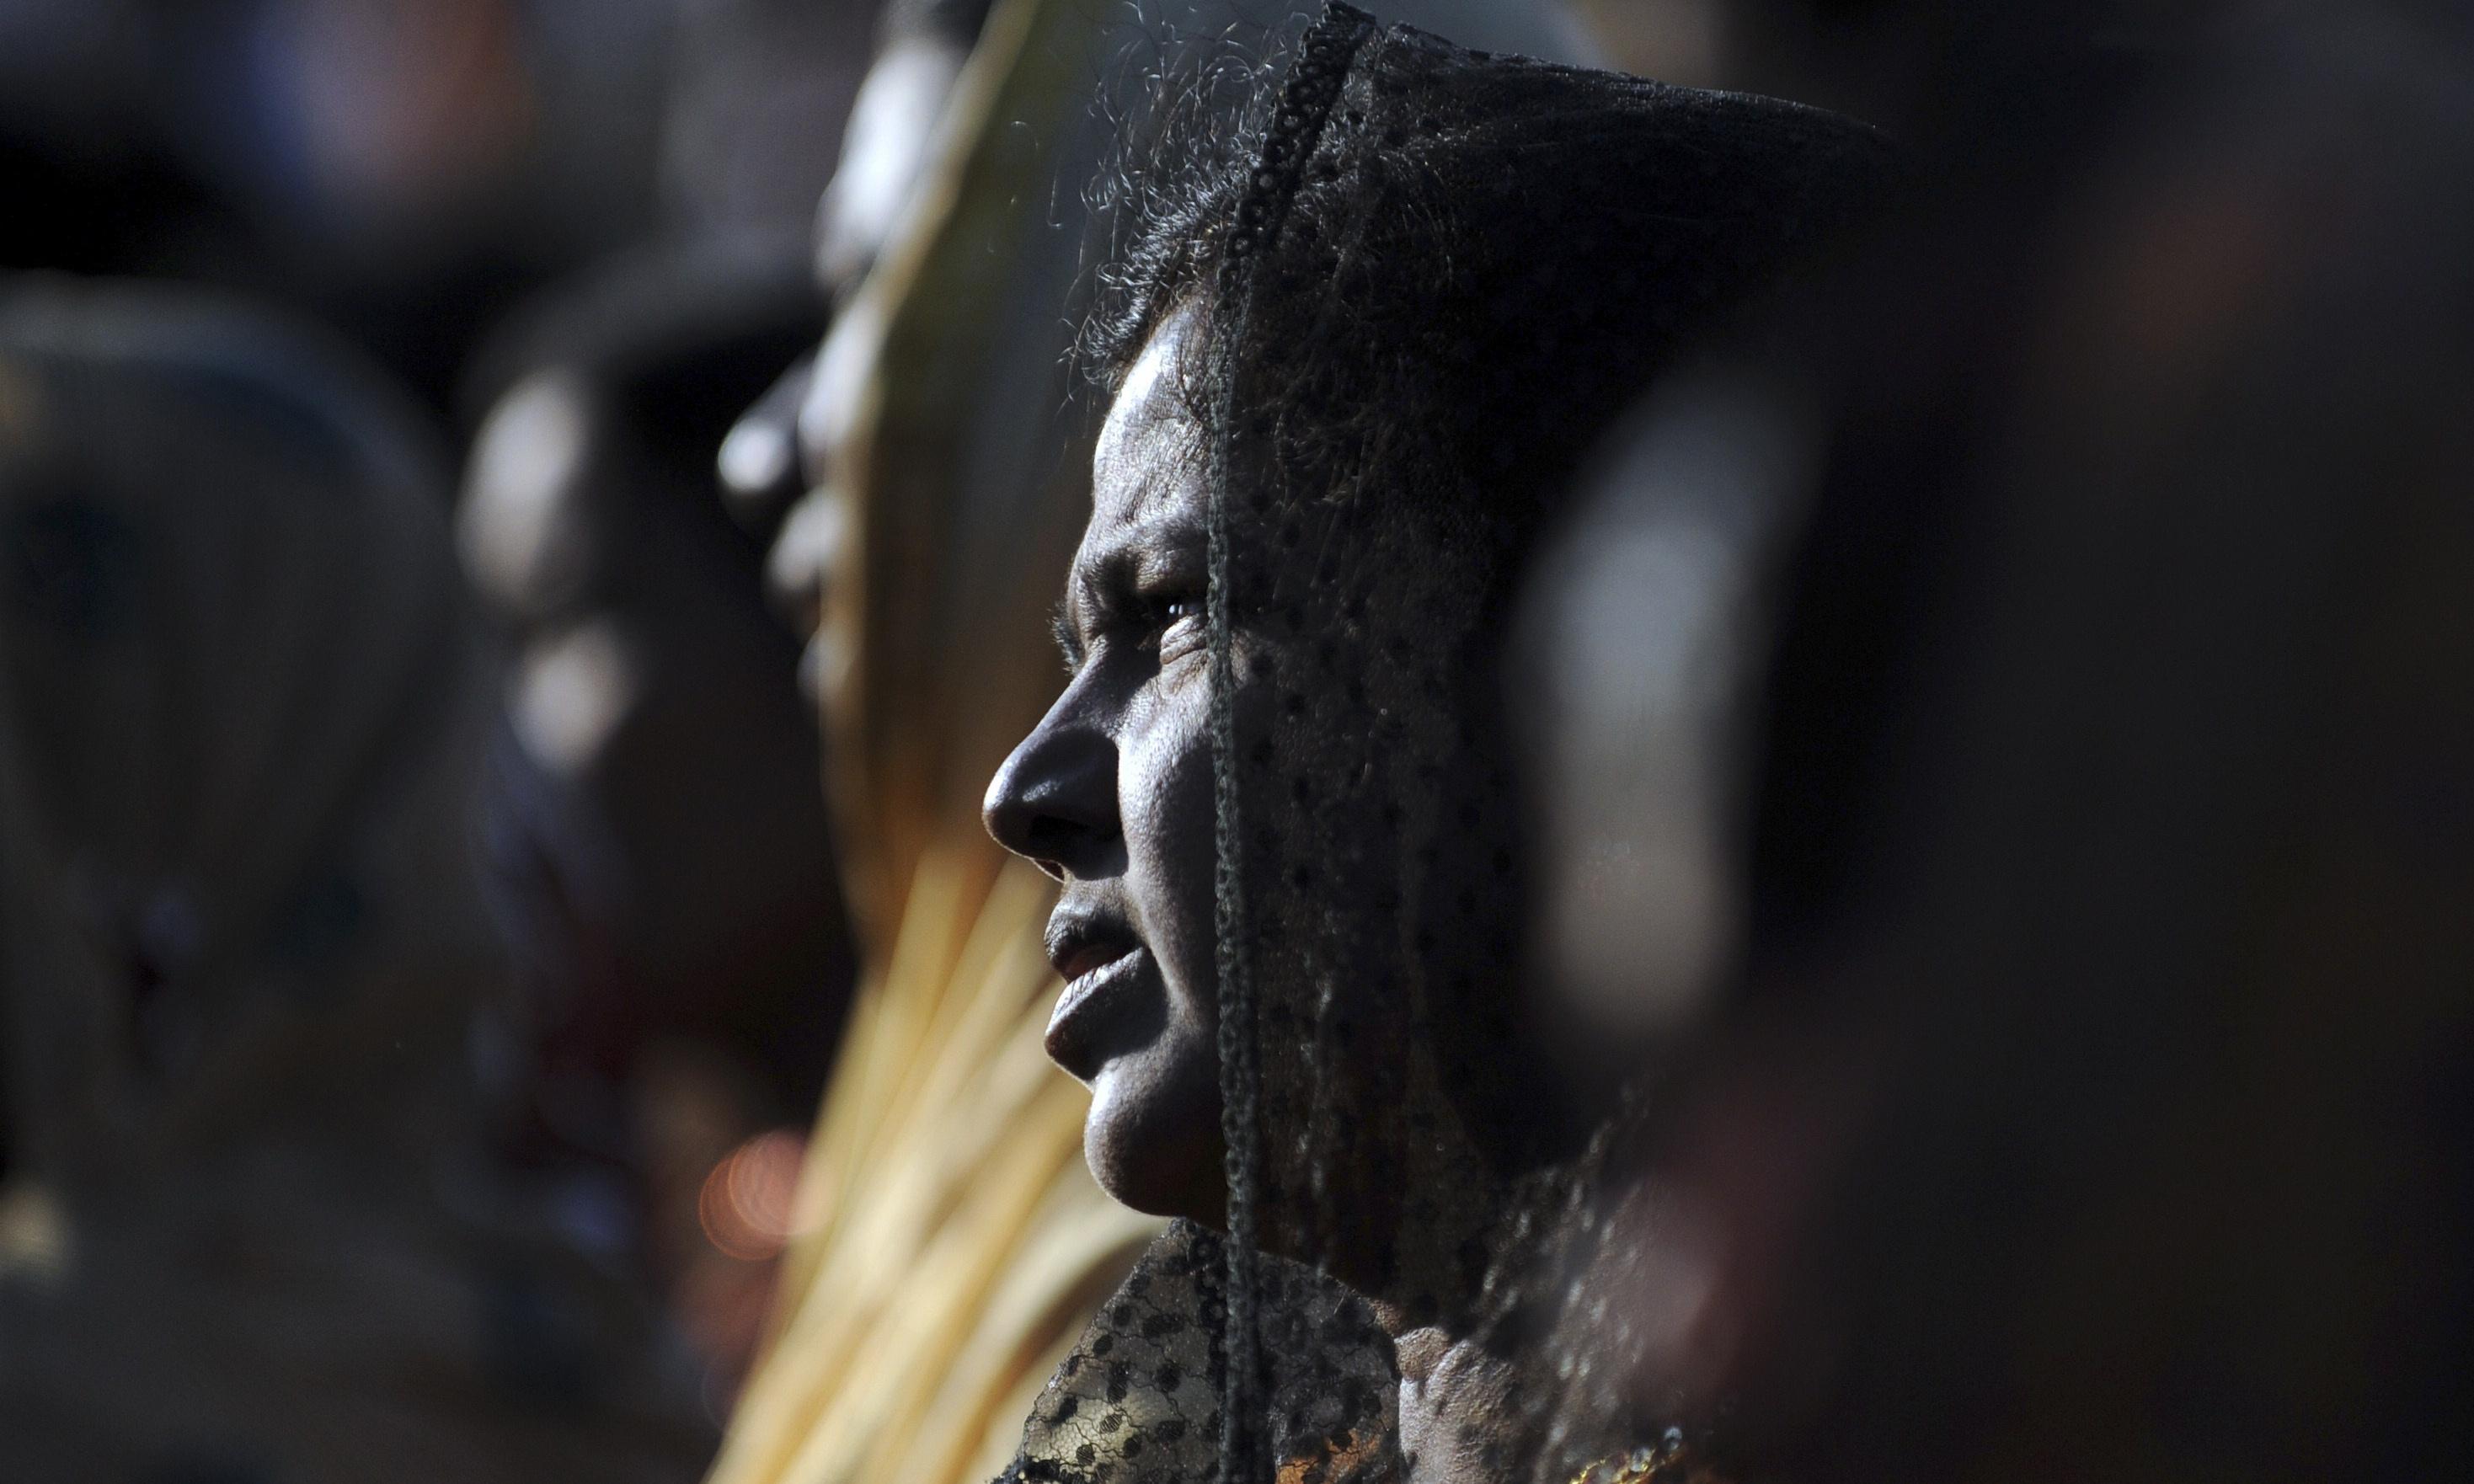 Sri Lanka's Christians were left unprotected for far too long